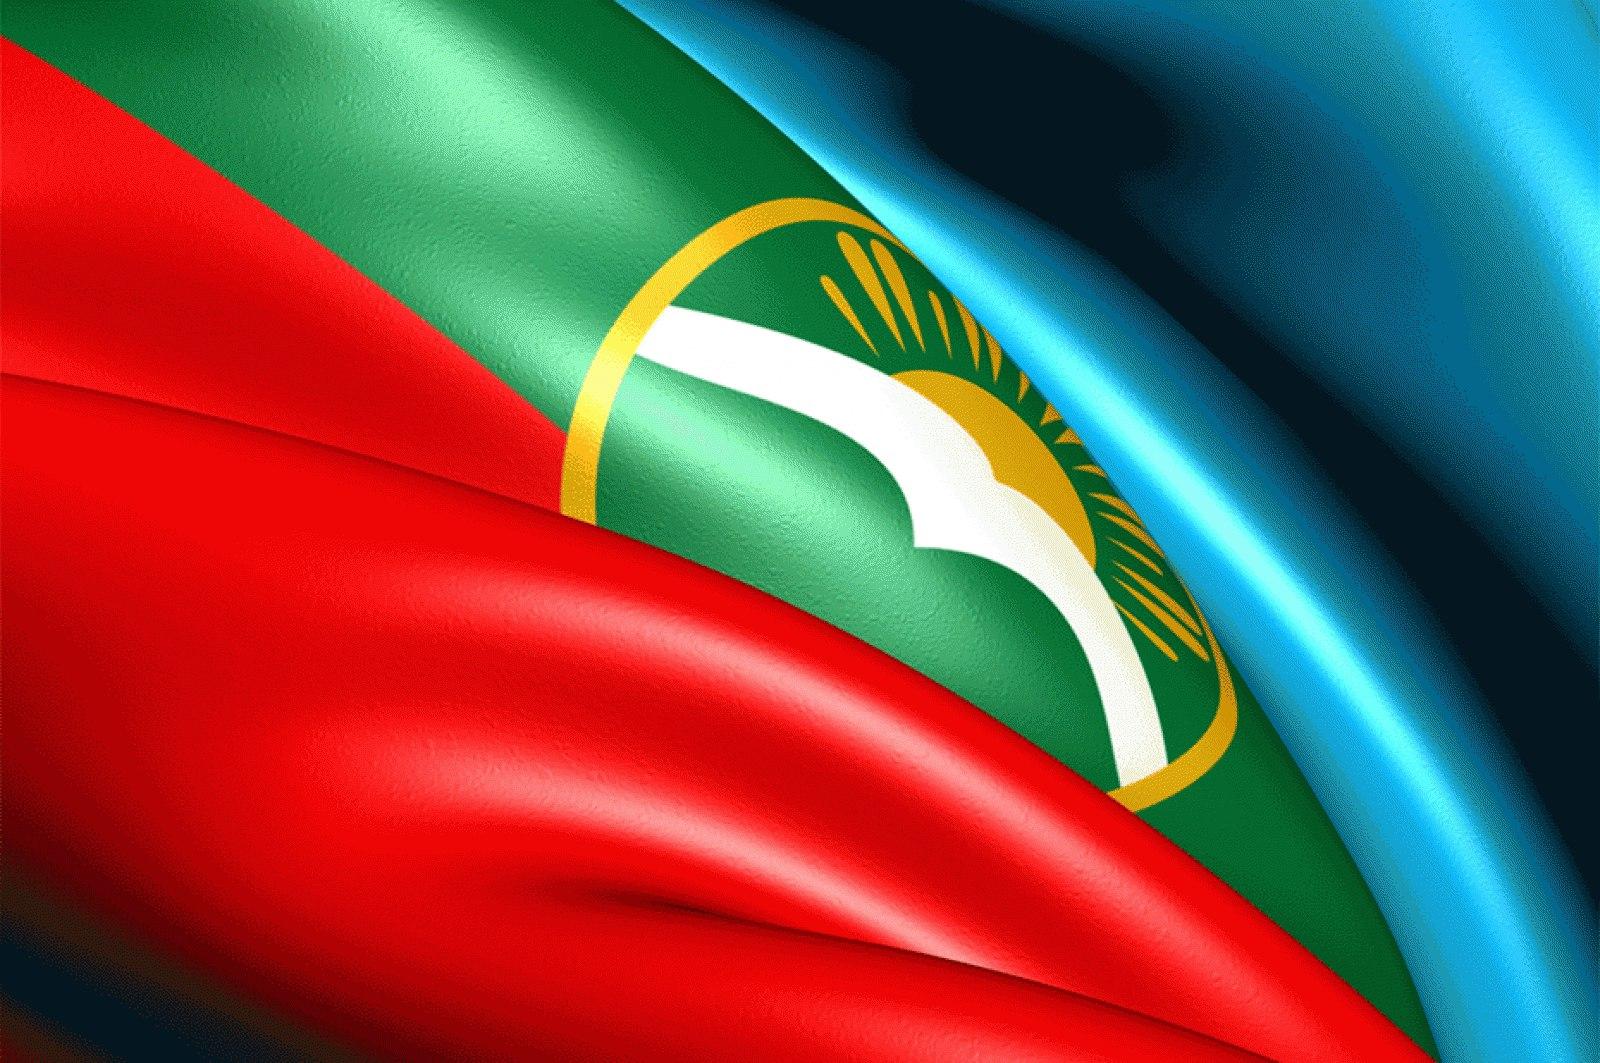 В Зеленчукской состоится концерт, посвященный 95 – летию образования Карачаево – Черкесской автономной области